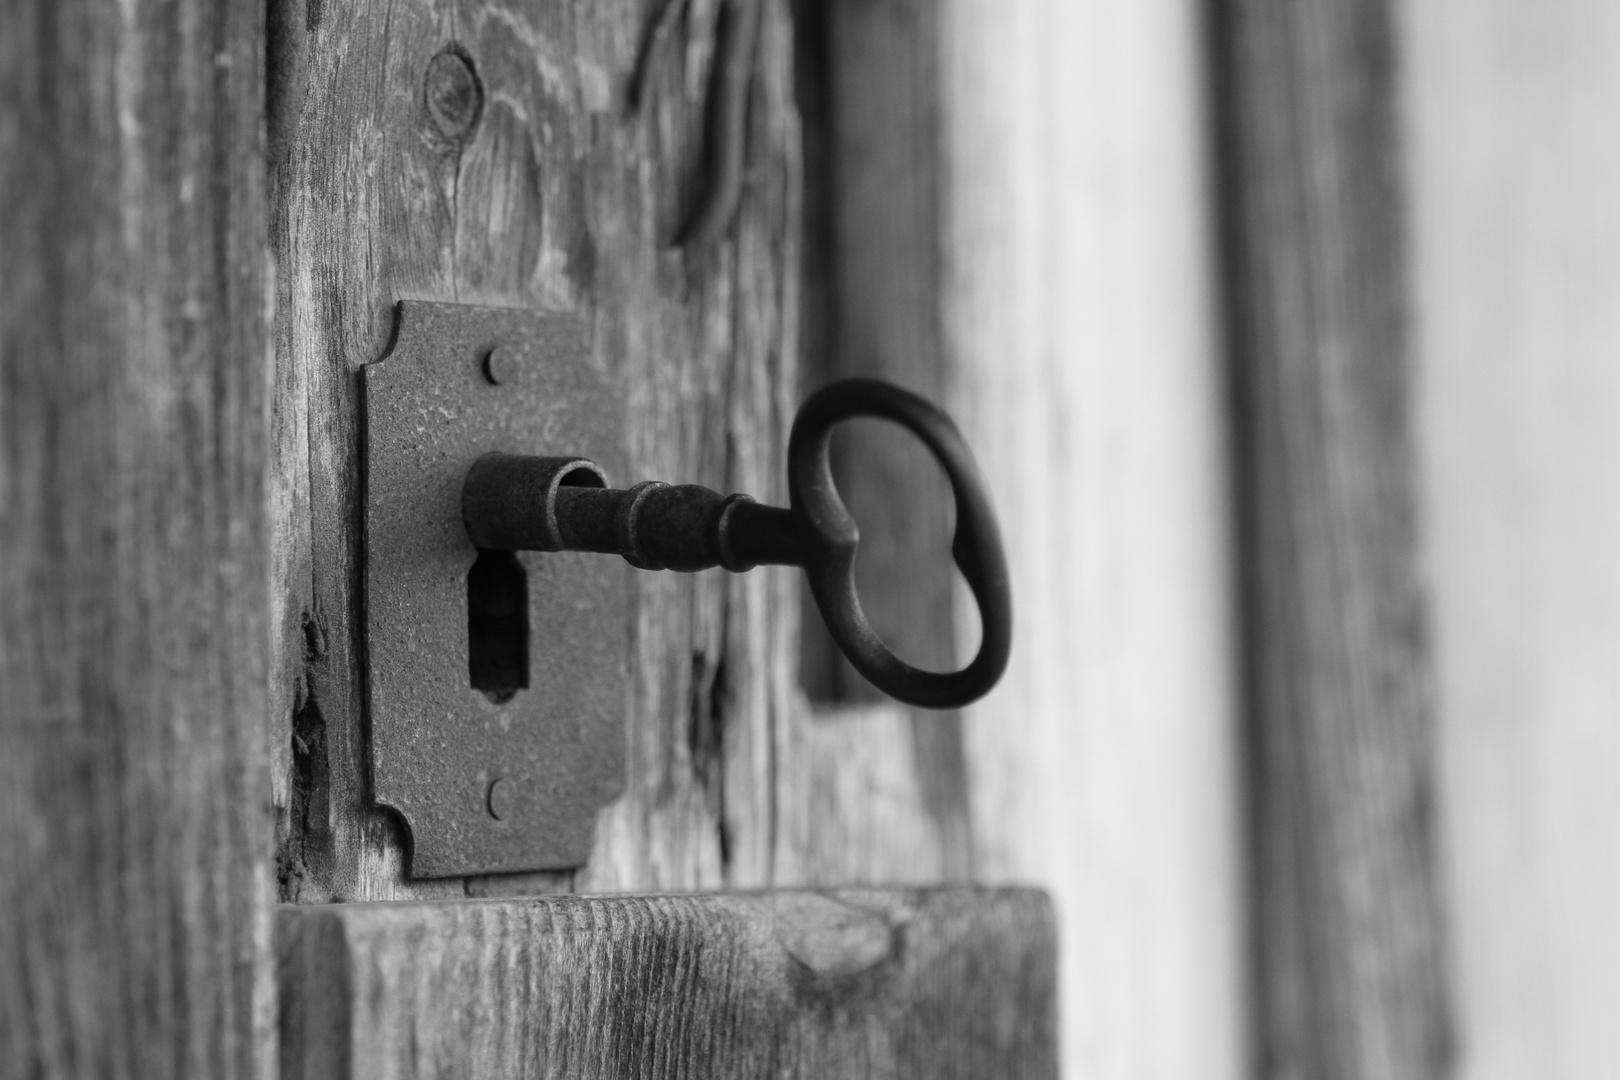 Vergessener Schlüssel